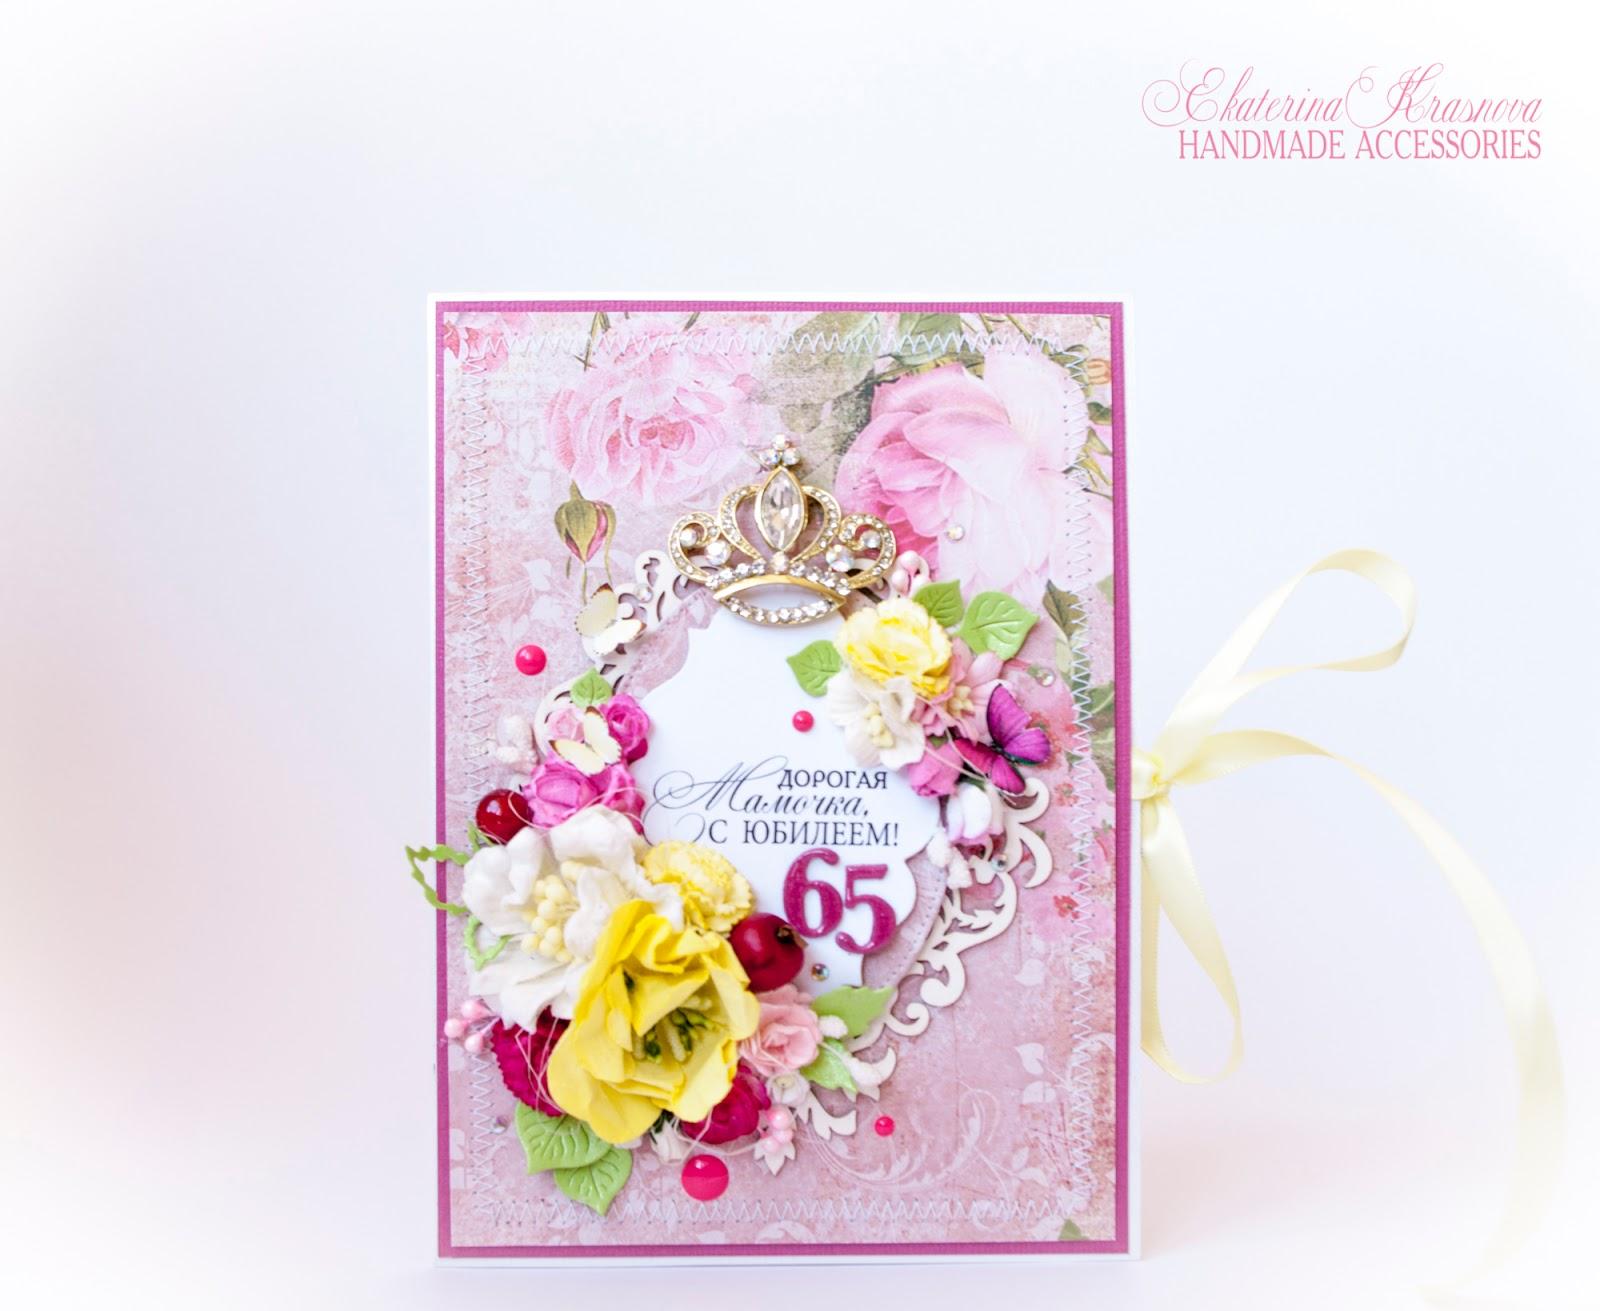 Как своими руками сделать открытку для любимой мамы 76